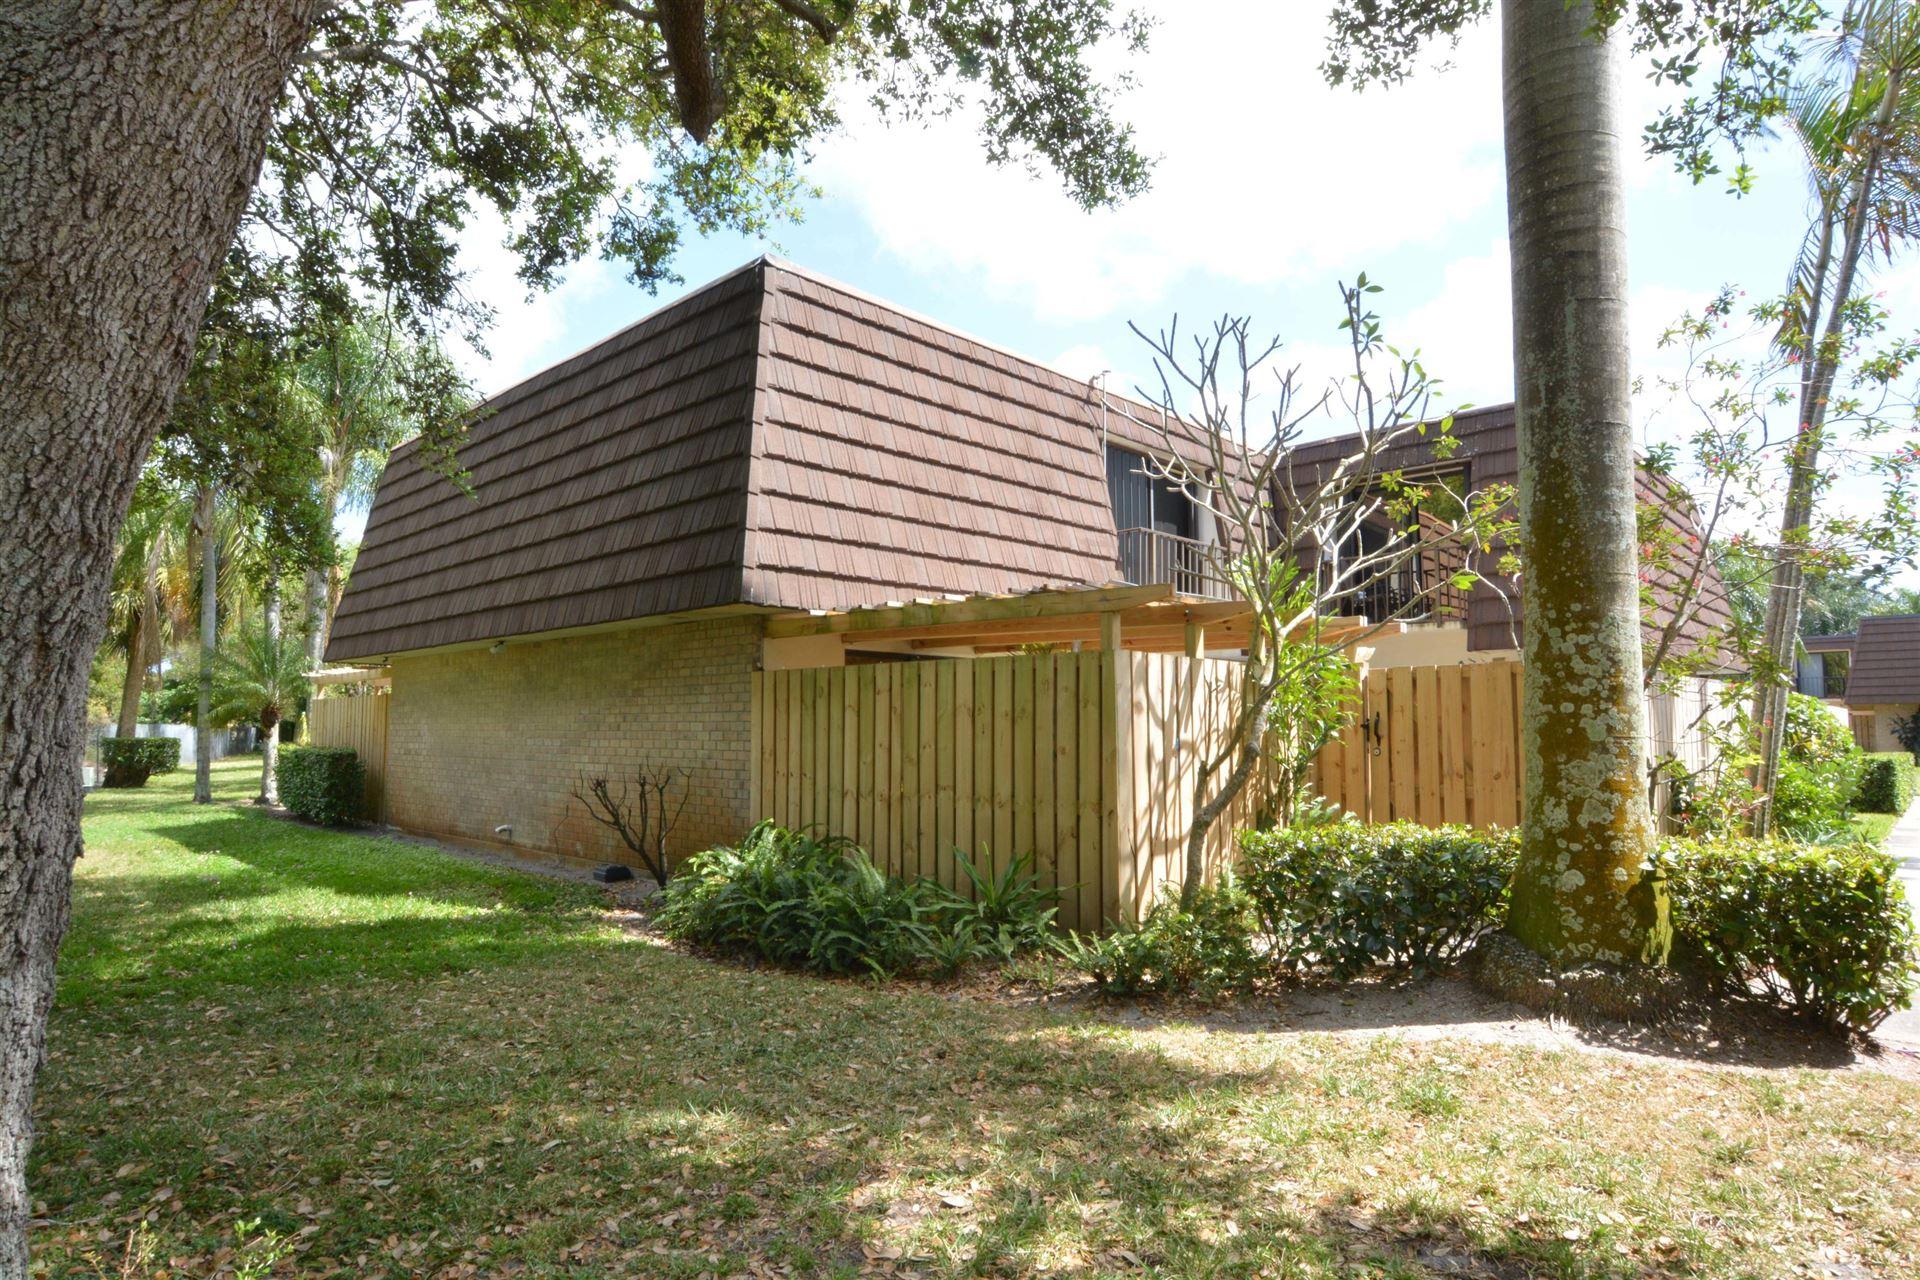 817 8th Lane, Palm Beach Gardens, FL 33418 - #: RX-10614918